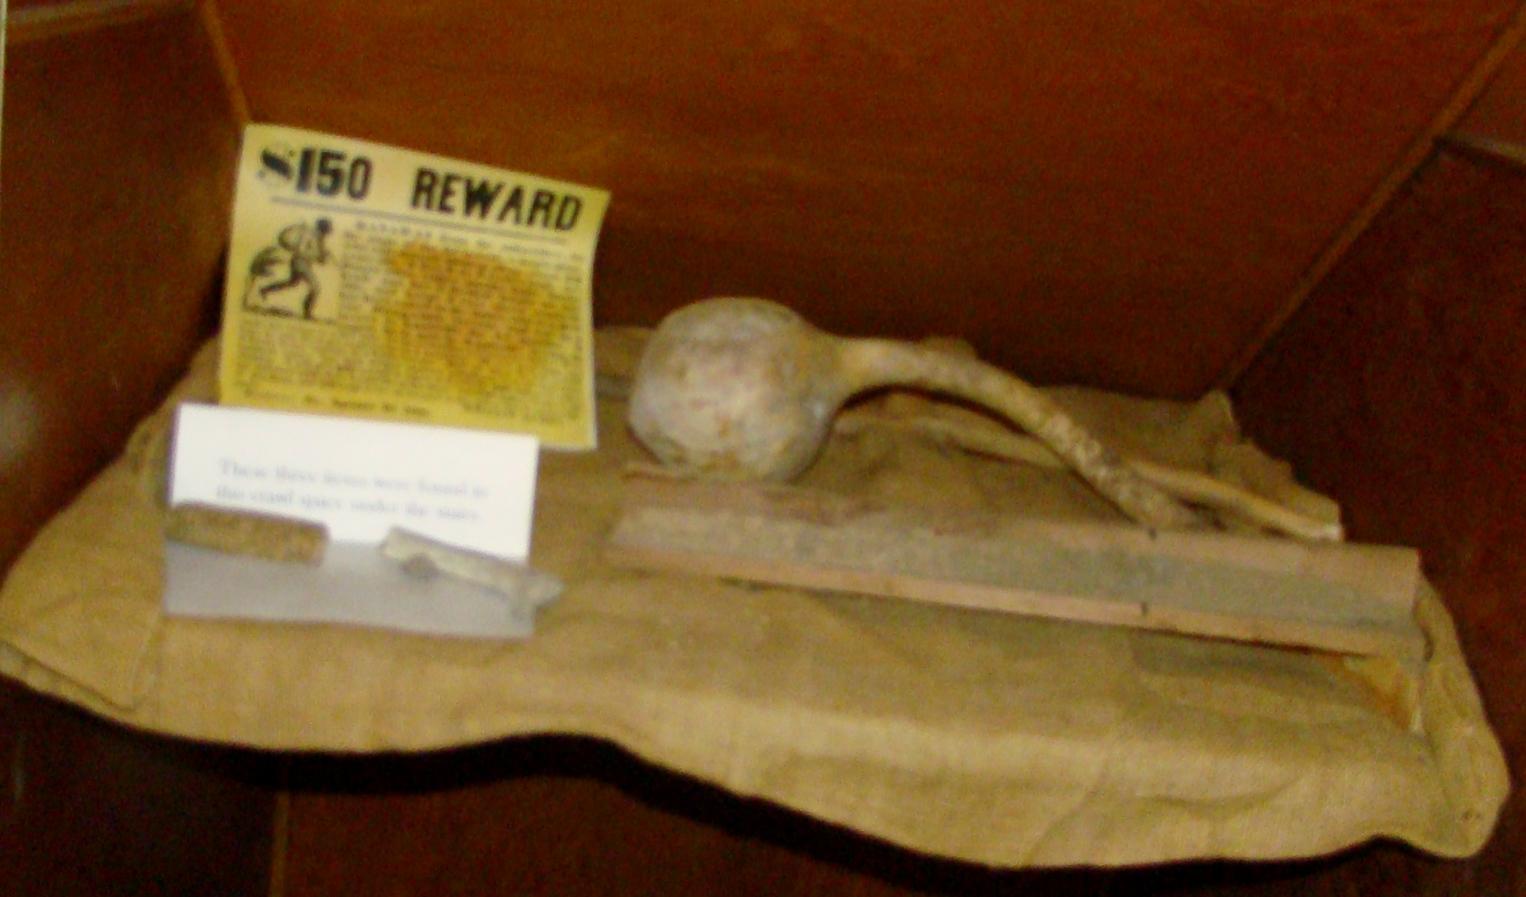 Stone - found under stairs